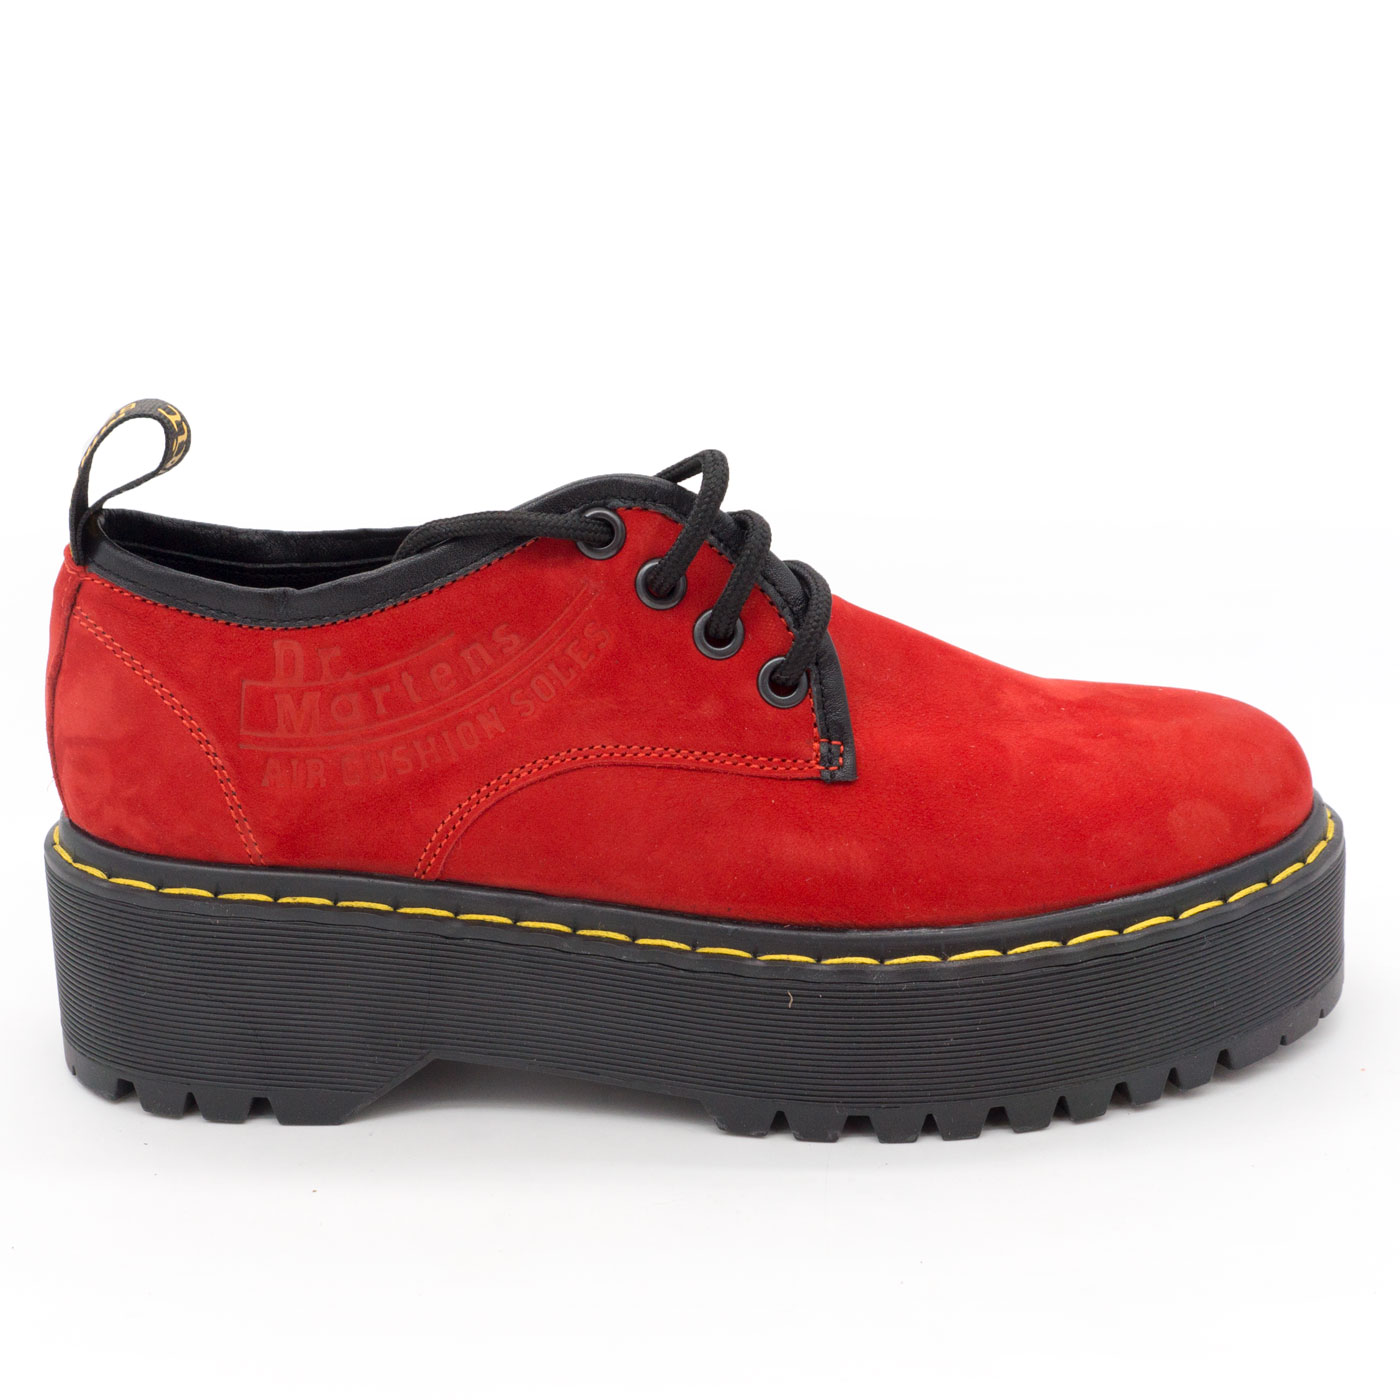 фото main Красные женские туфли Dr. Martens на платформе, натуральная замша main